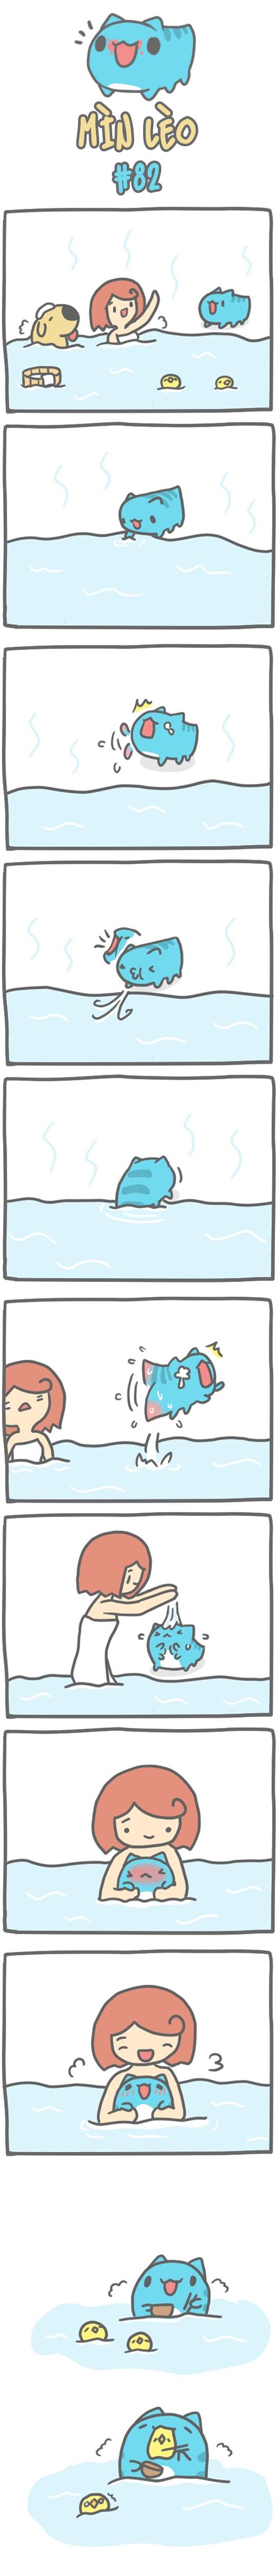 Truyện Mìn Lèo #82: Tắm nước nóng